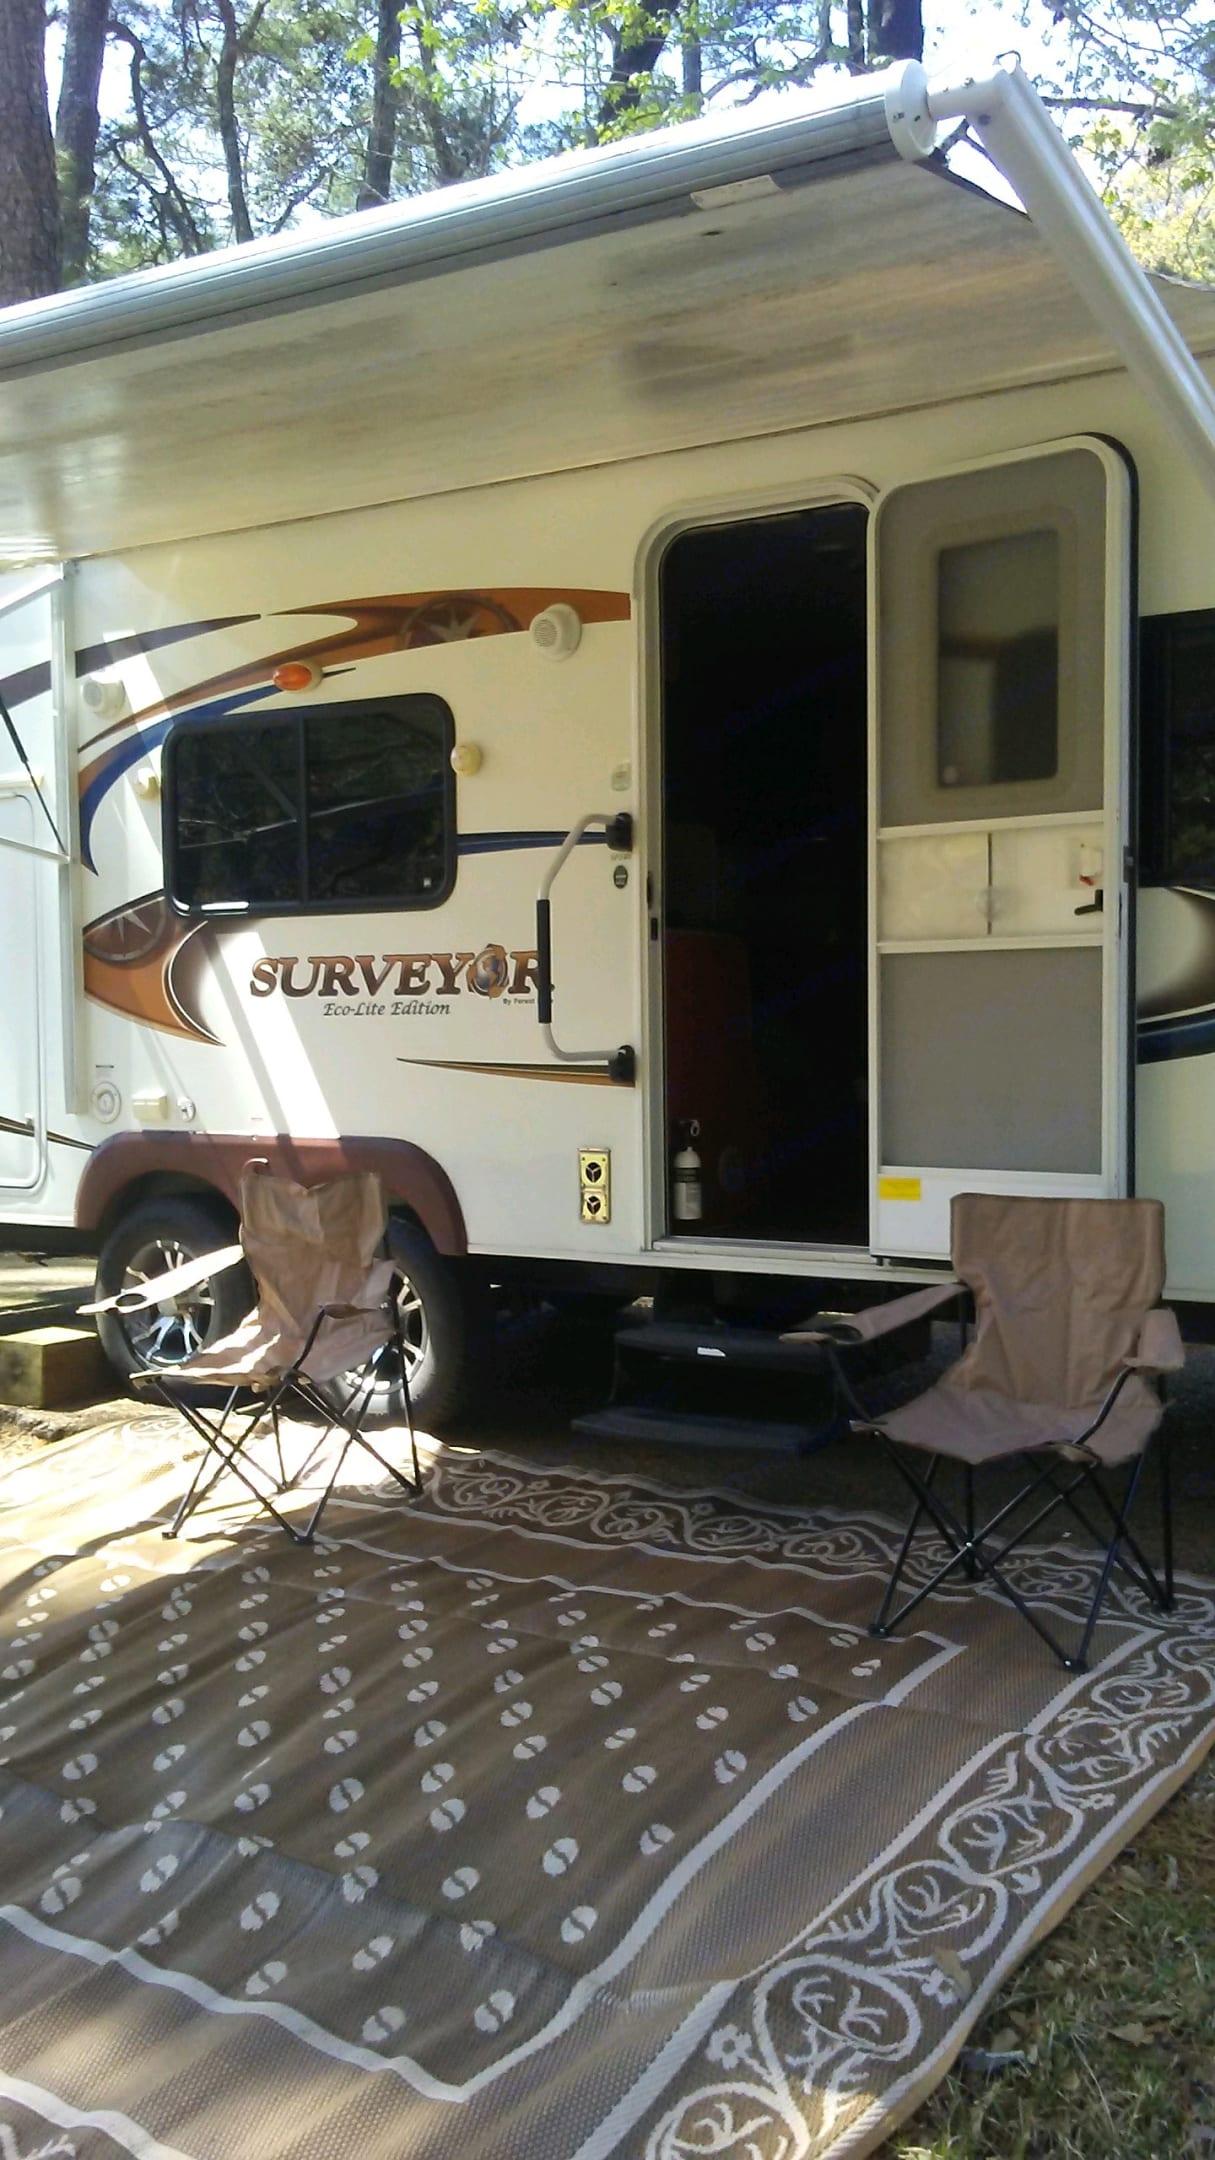 Cozy Camper. Forest River Surveyor 2012